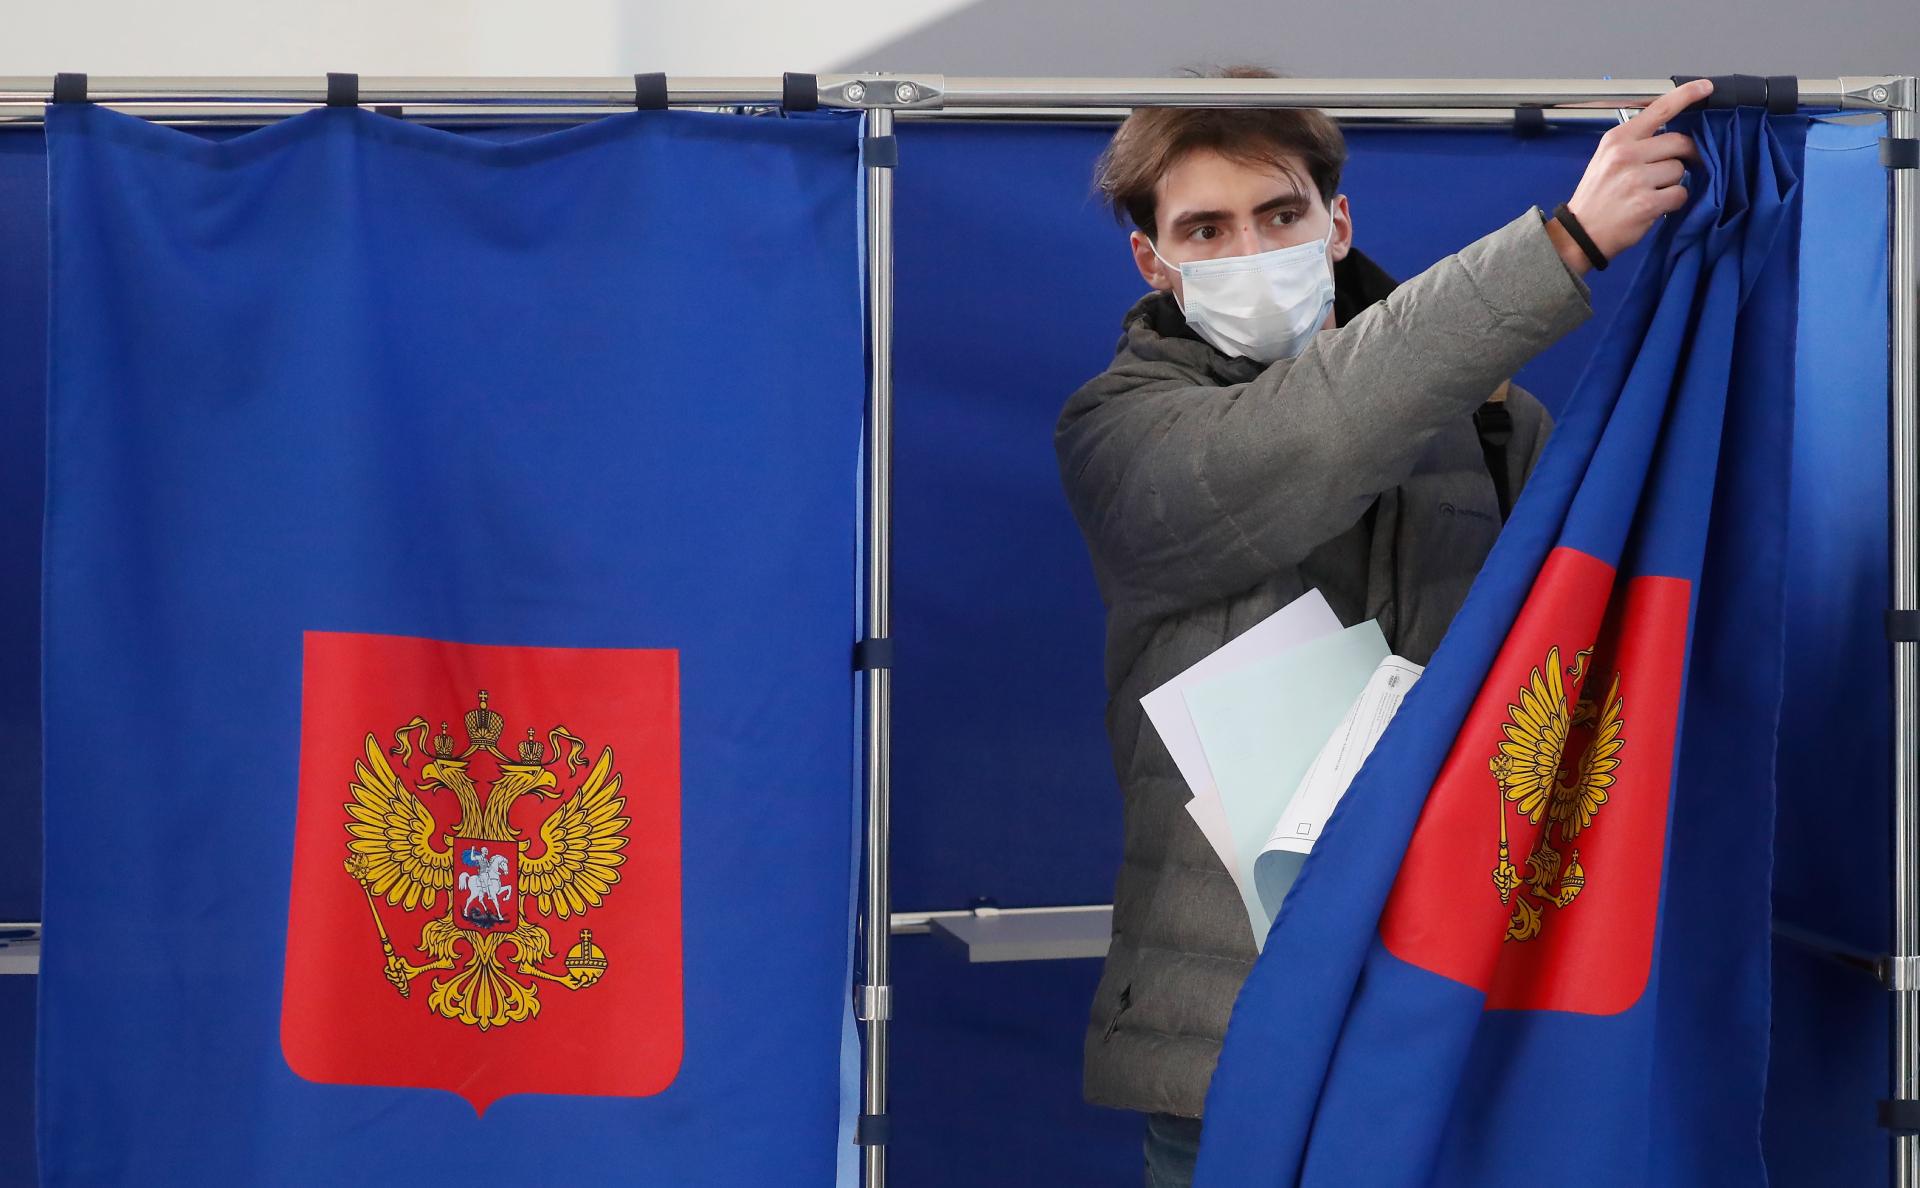 Фото: Анатолий Мальцев / ЕРА / ТАСС